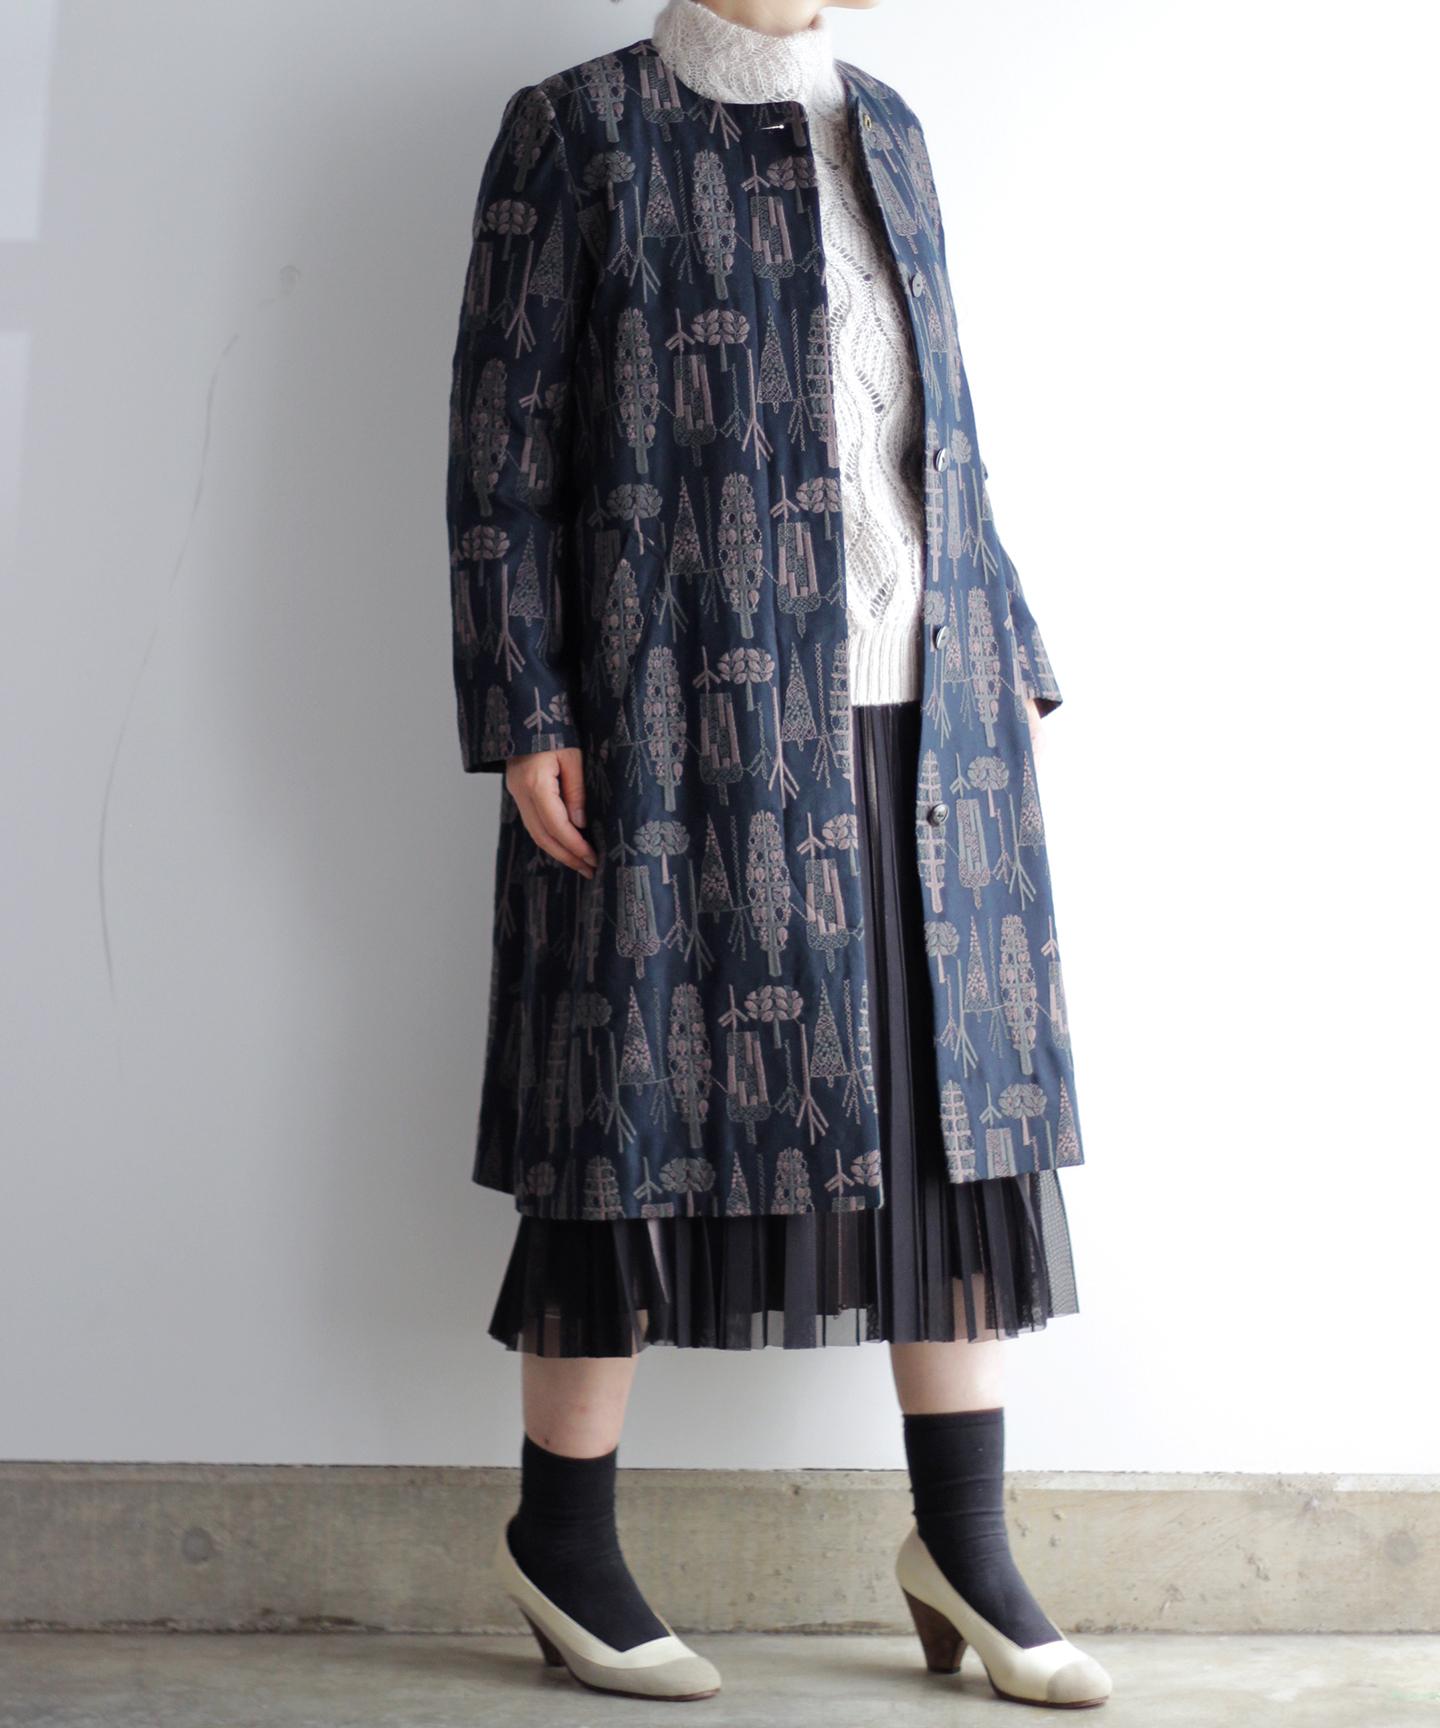 【MORI 1836】刺繍生地ノーカラーコート  (evf552  size02)